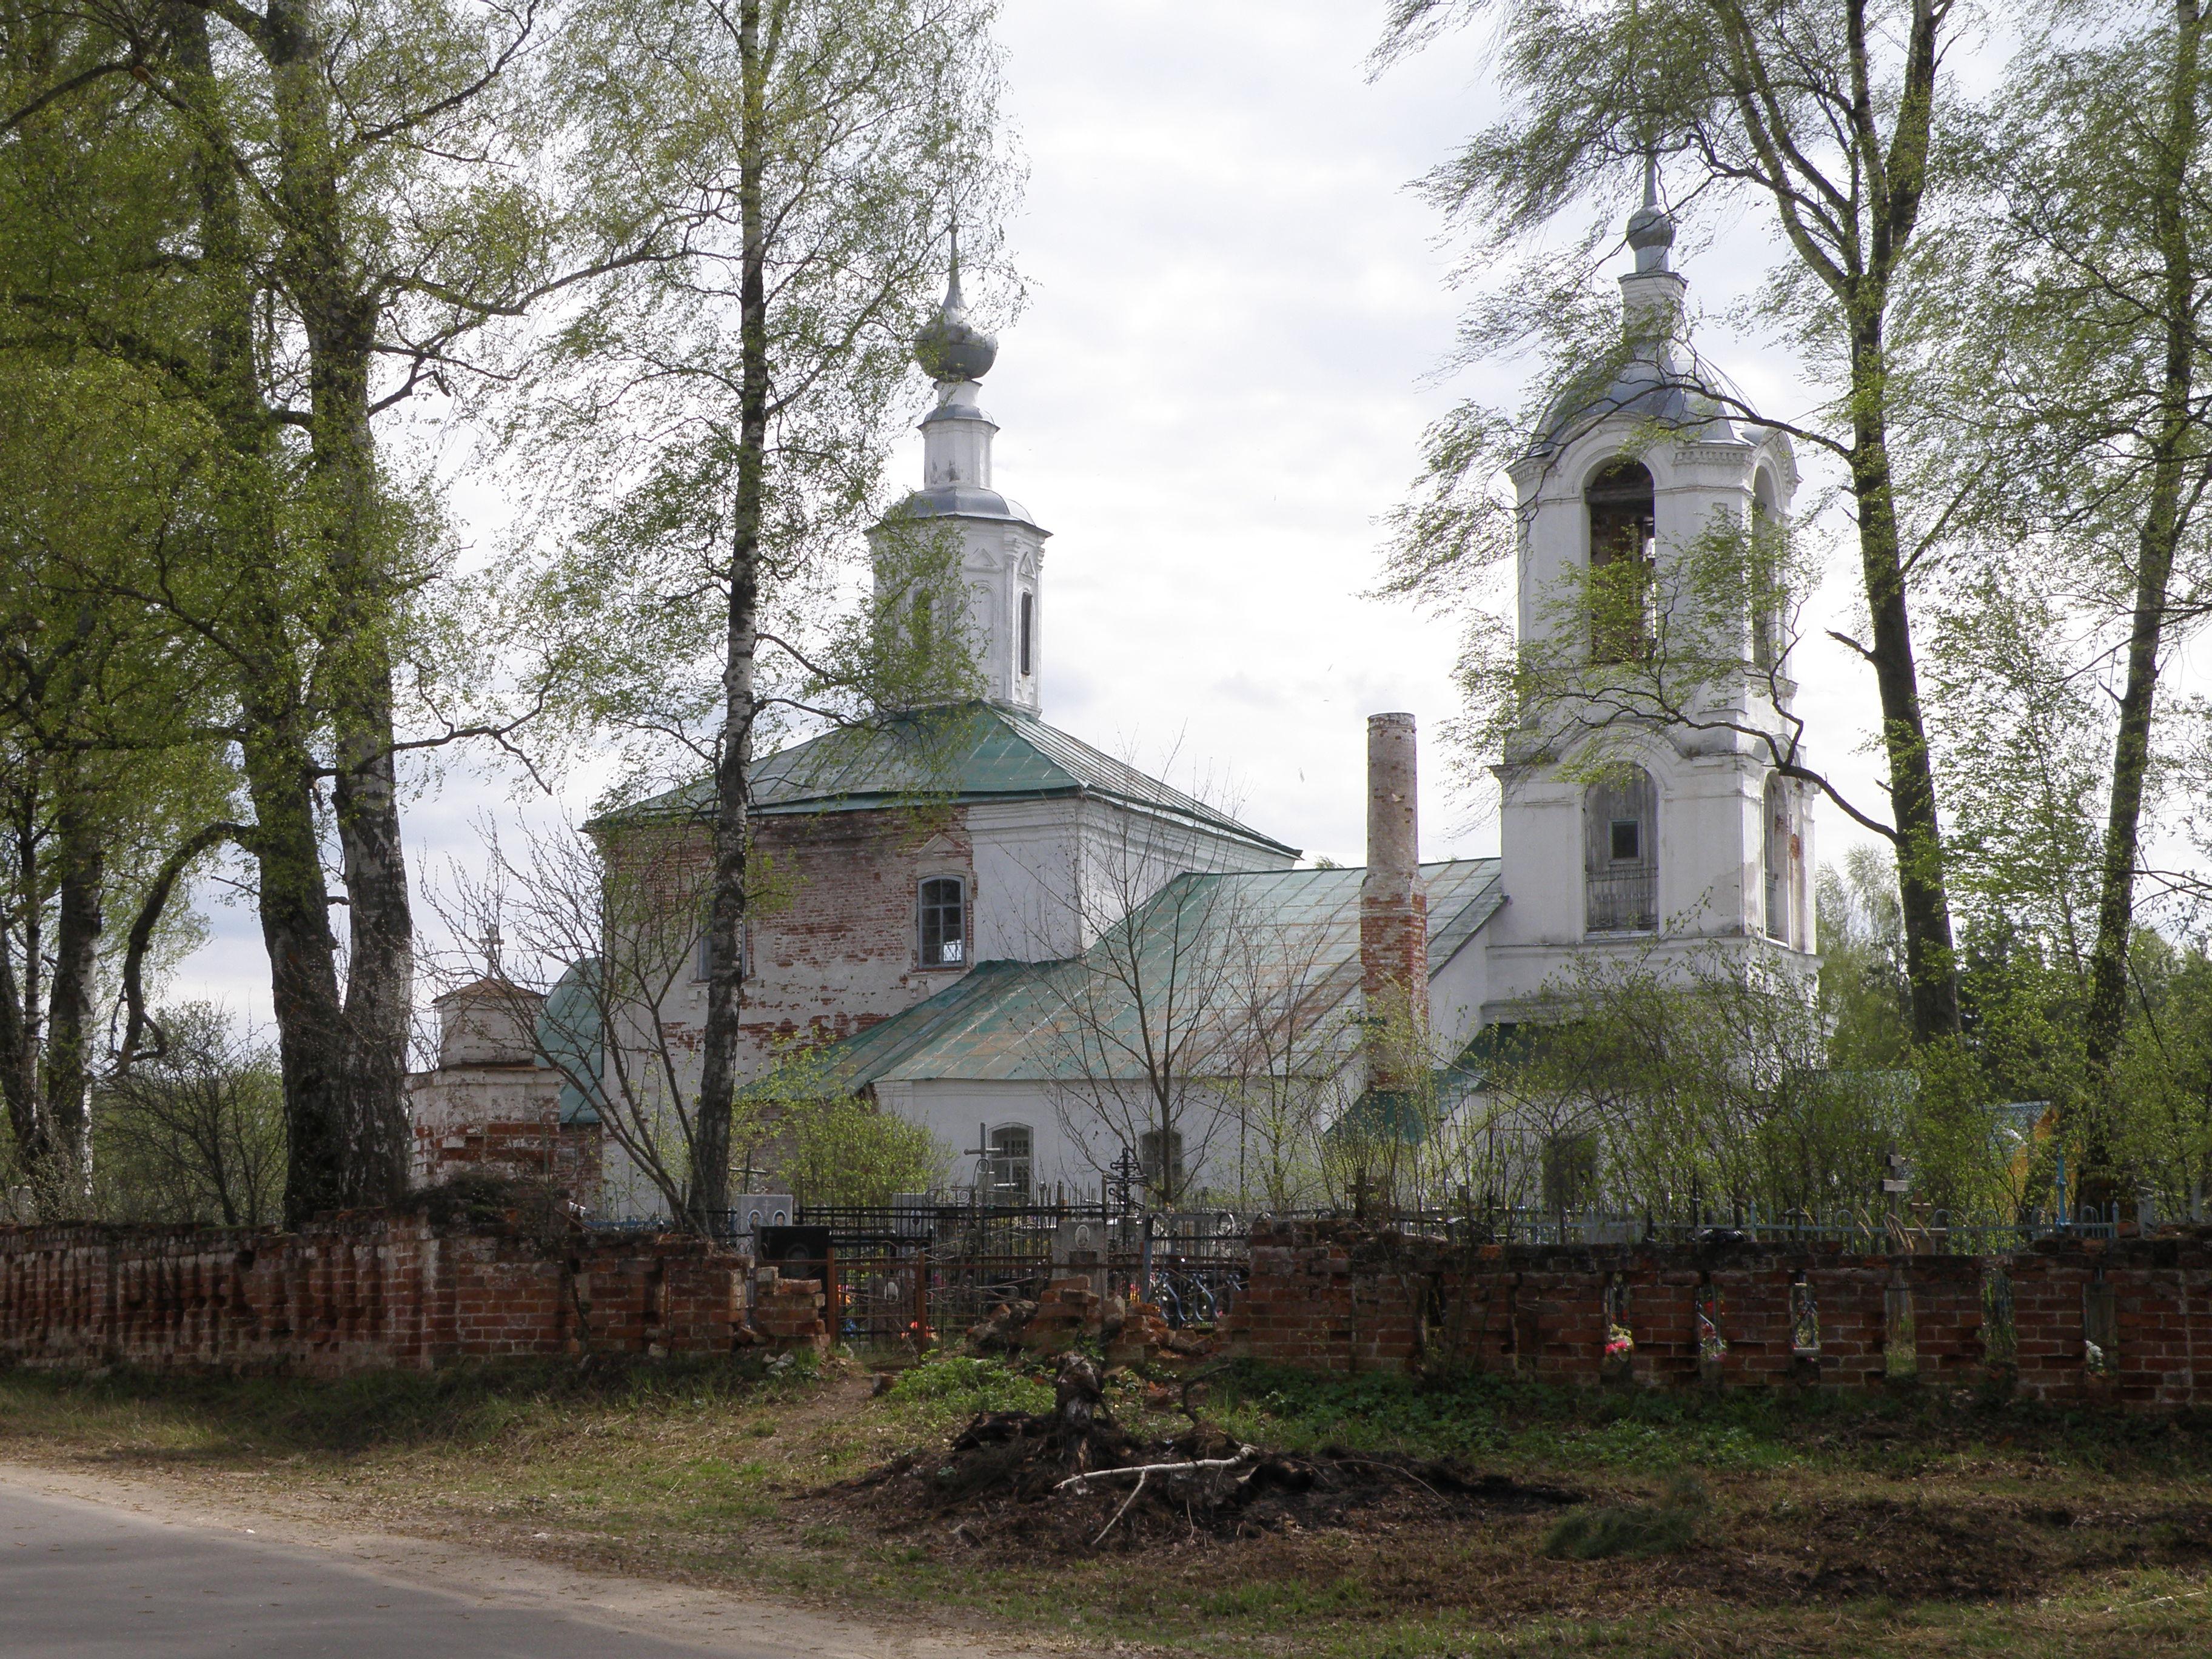 6 3 - As 10 aldeias mais bonitas da Rússia